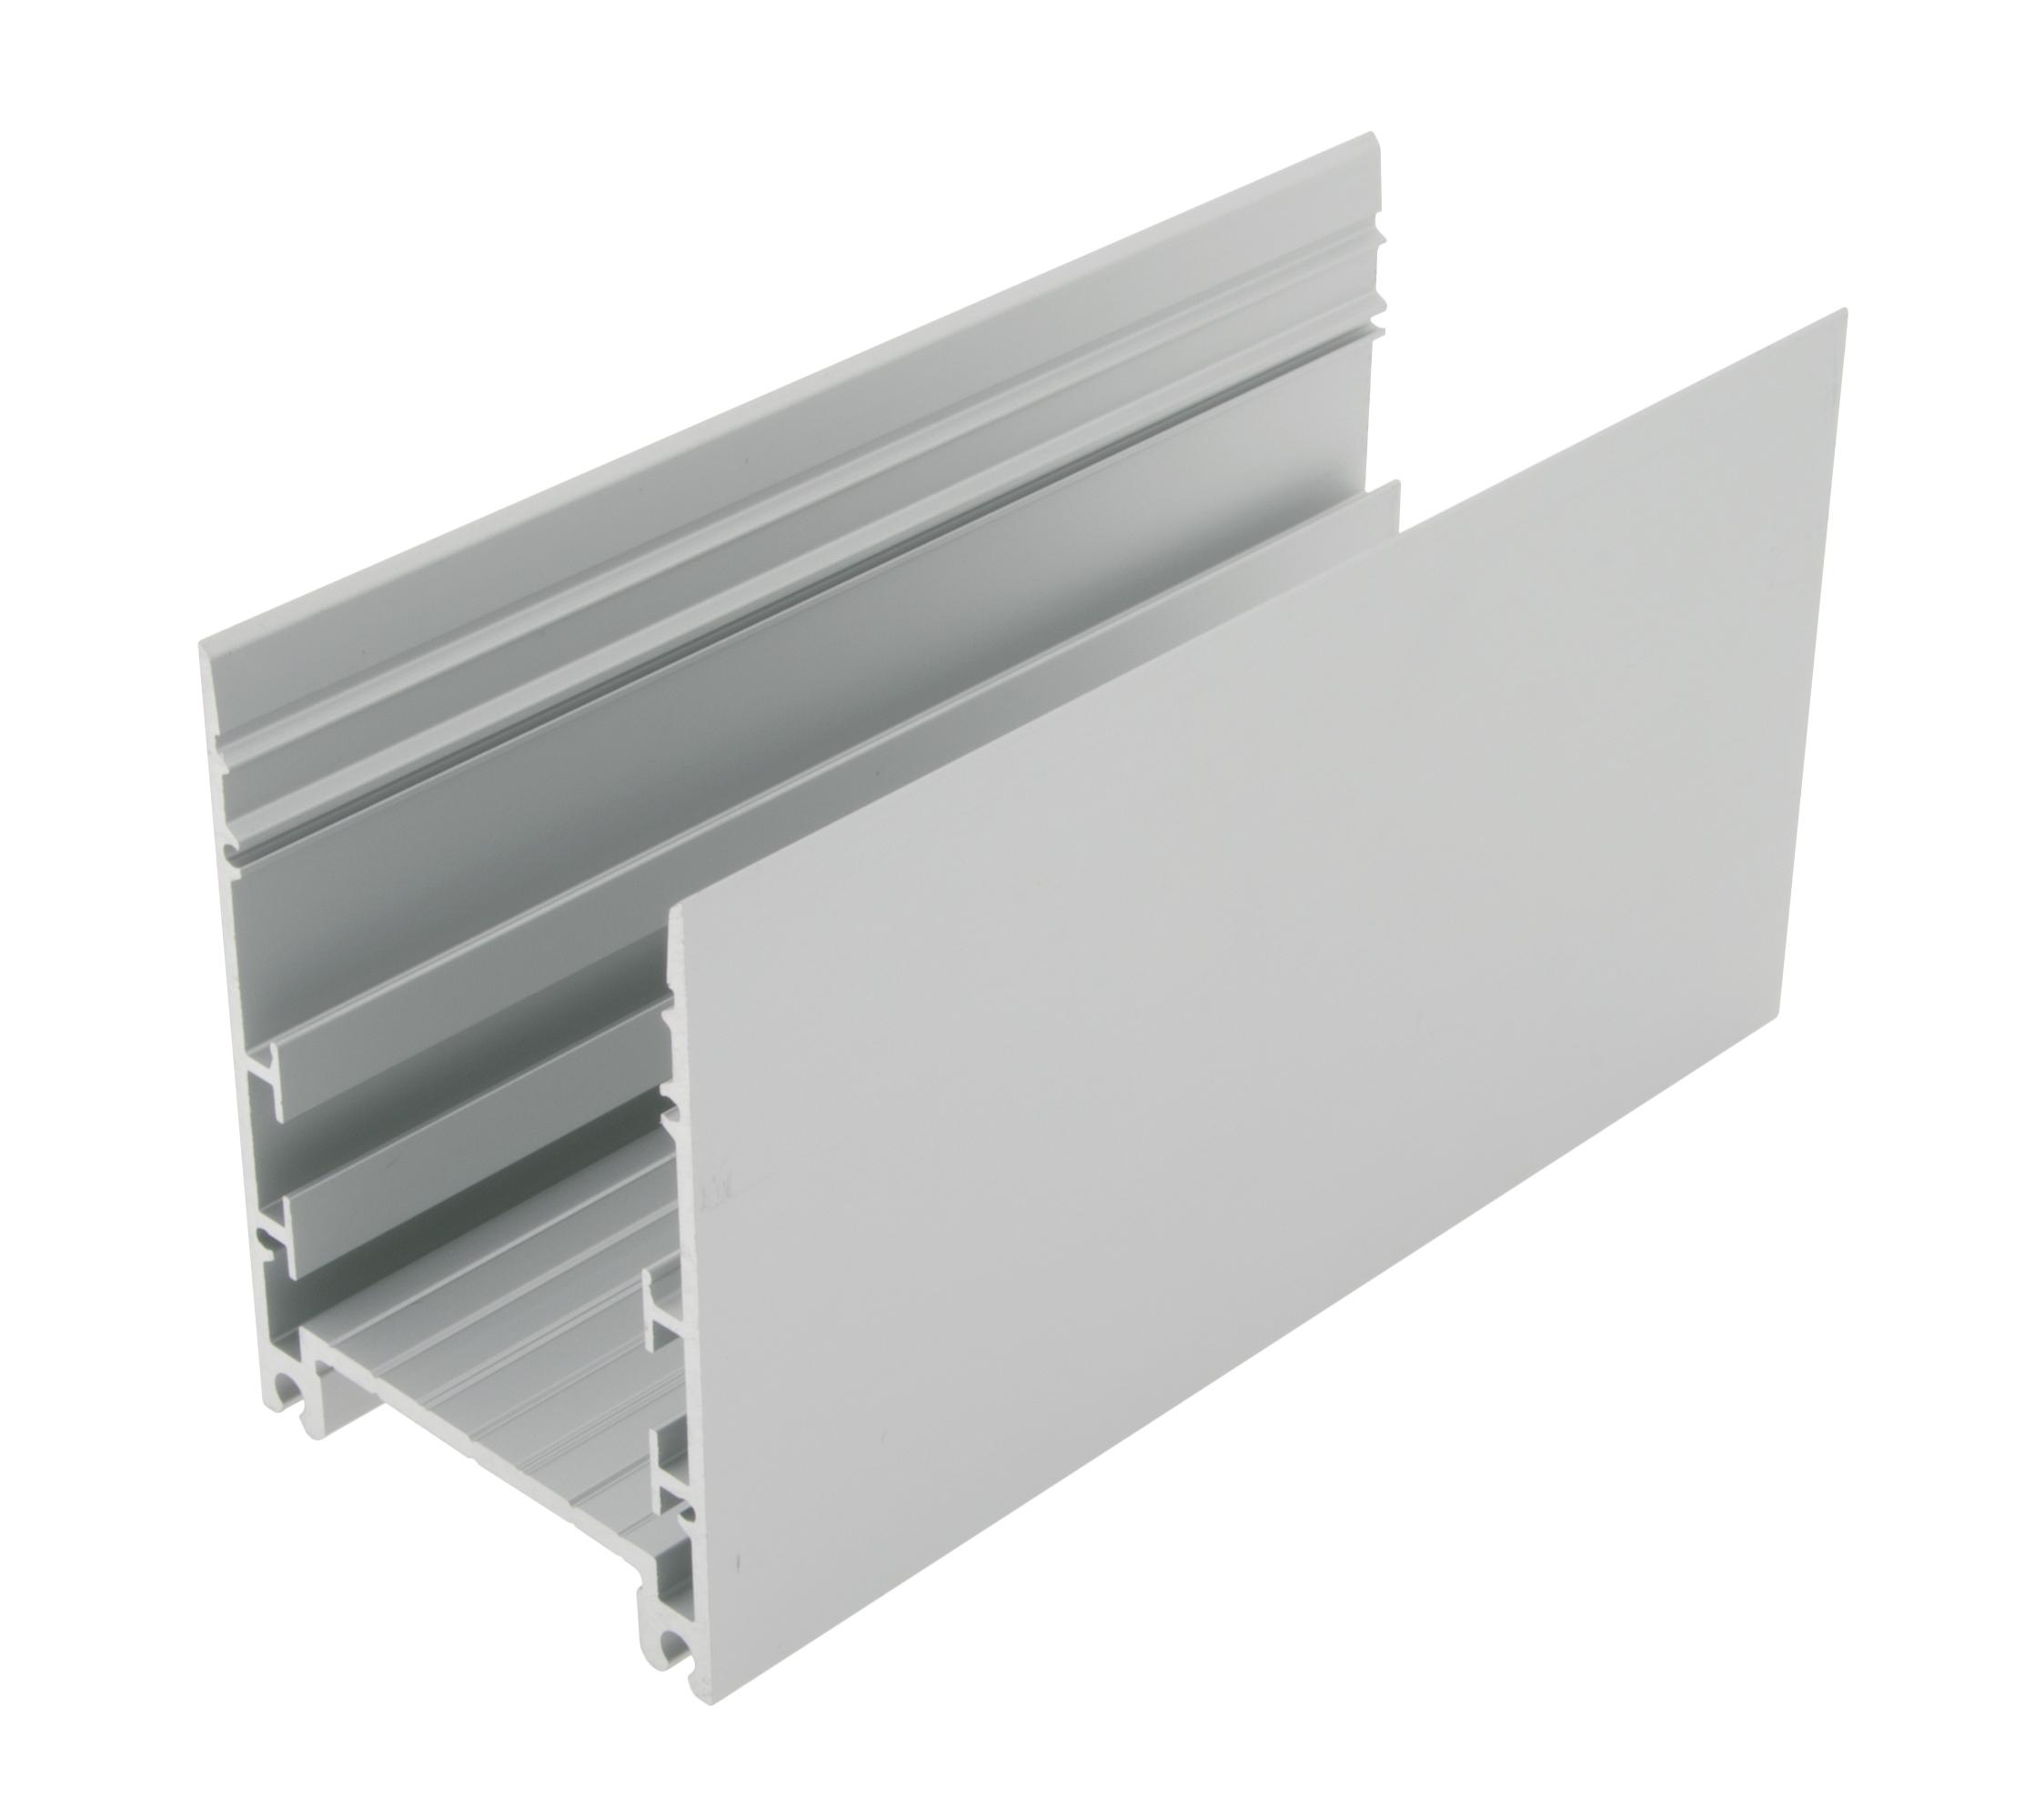 1 m Aluminium Profil SLH LIAP003004